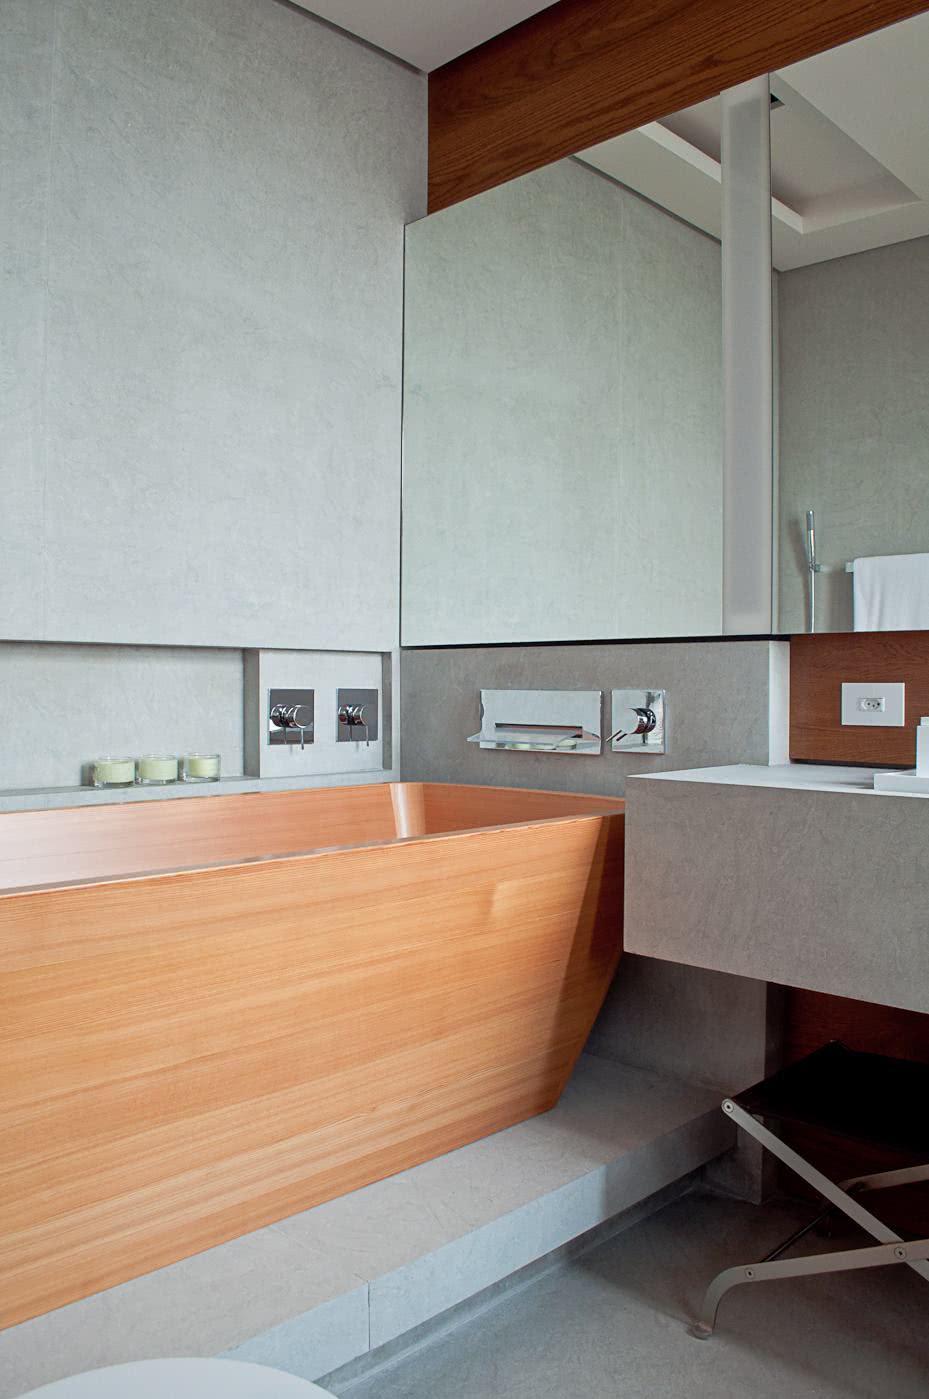 Banheira de madeira no banheiro moderno